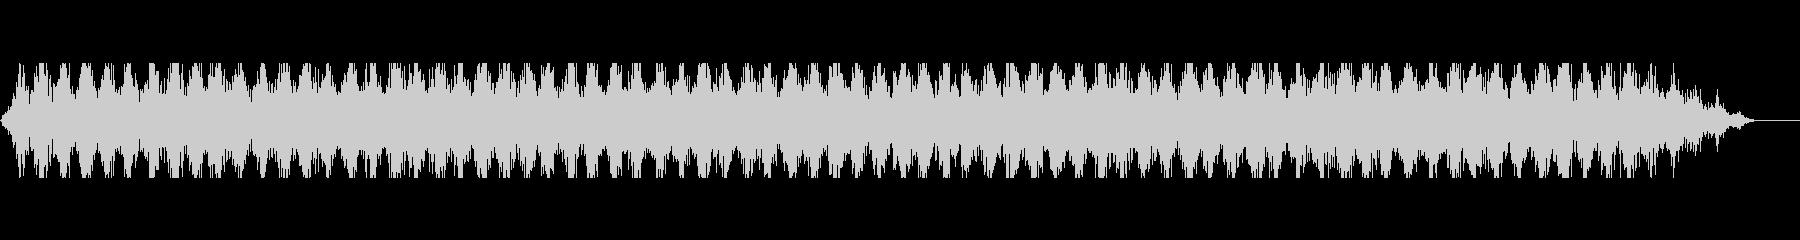 【テクスチャー 環境01-1】の未再生の波形